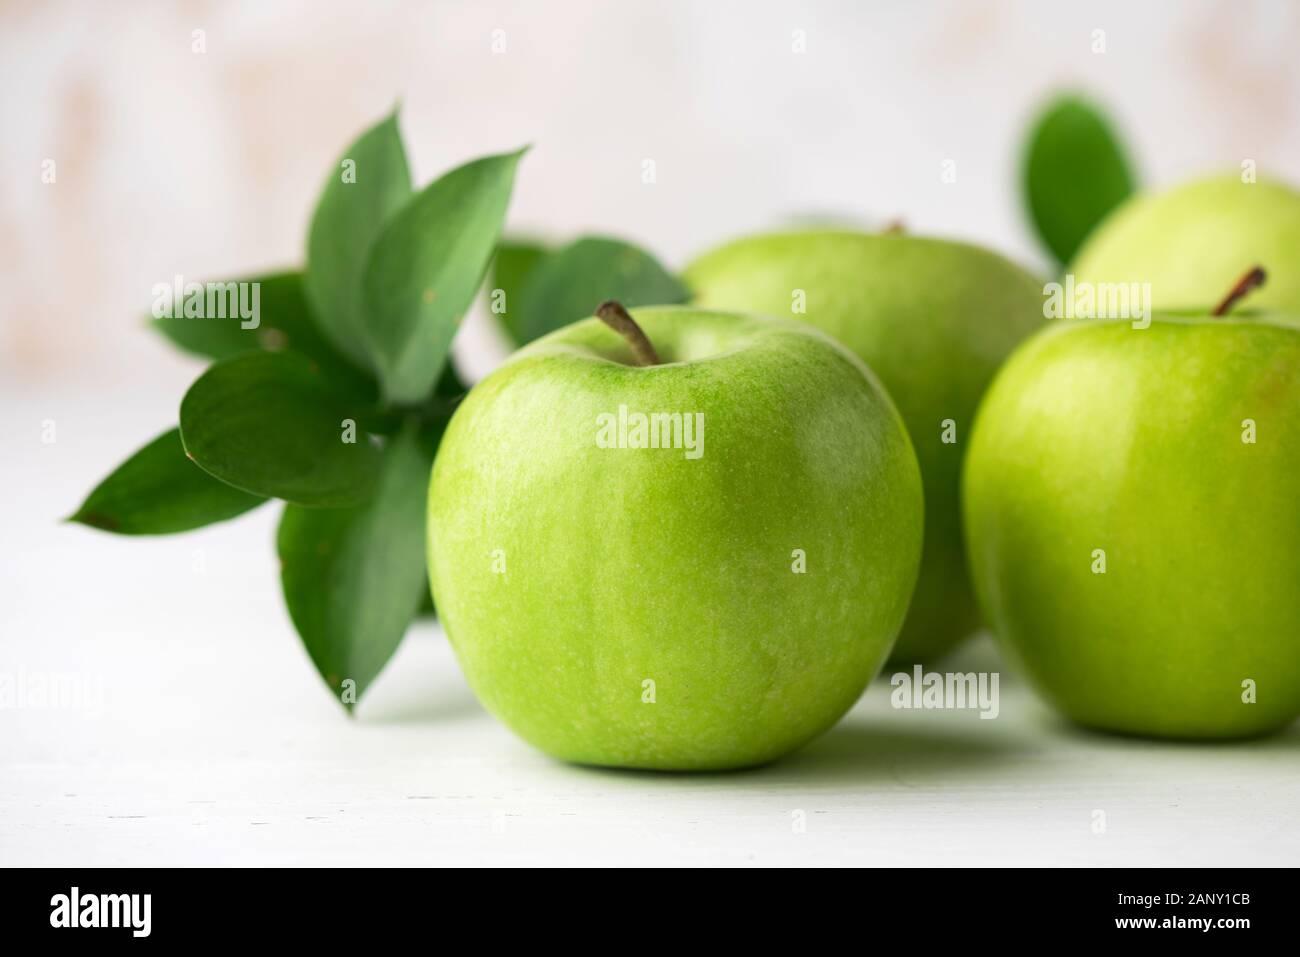 Grüne Äpfel mit grünen Blättern auf weißen Tisch Detailansicht. Gesunde knackig frische Früchte Stockfoto